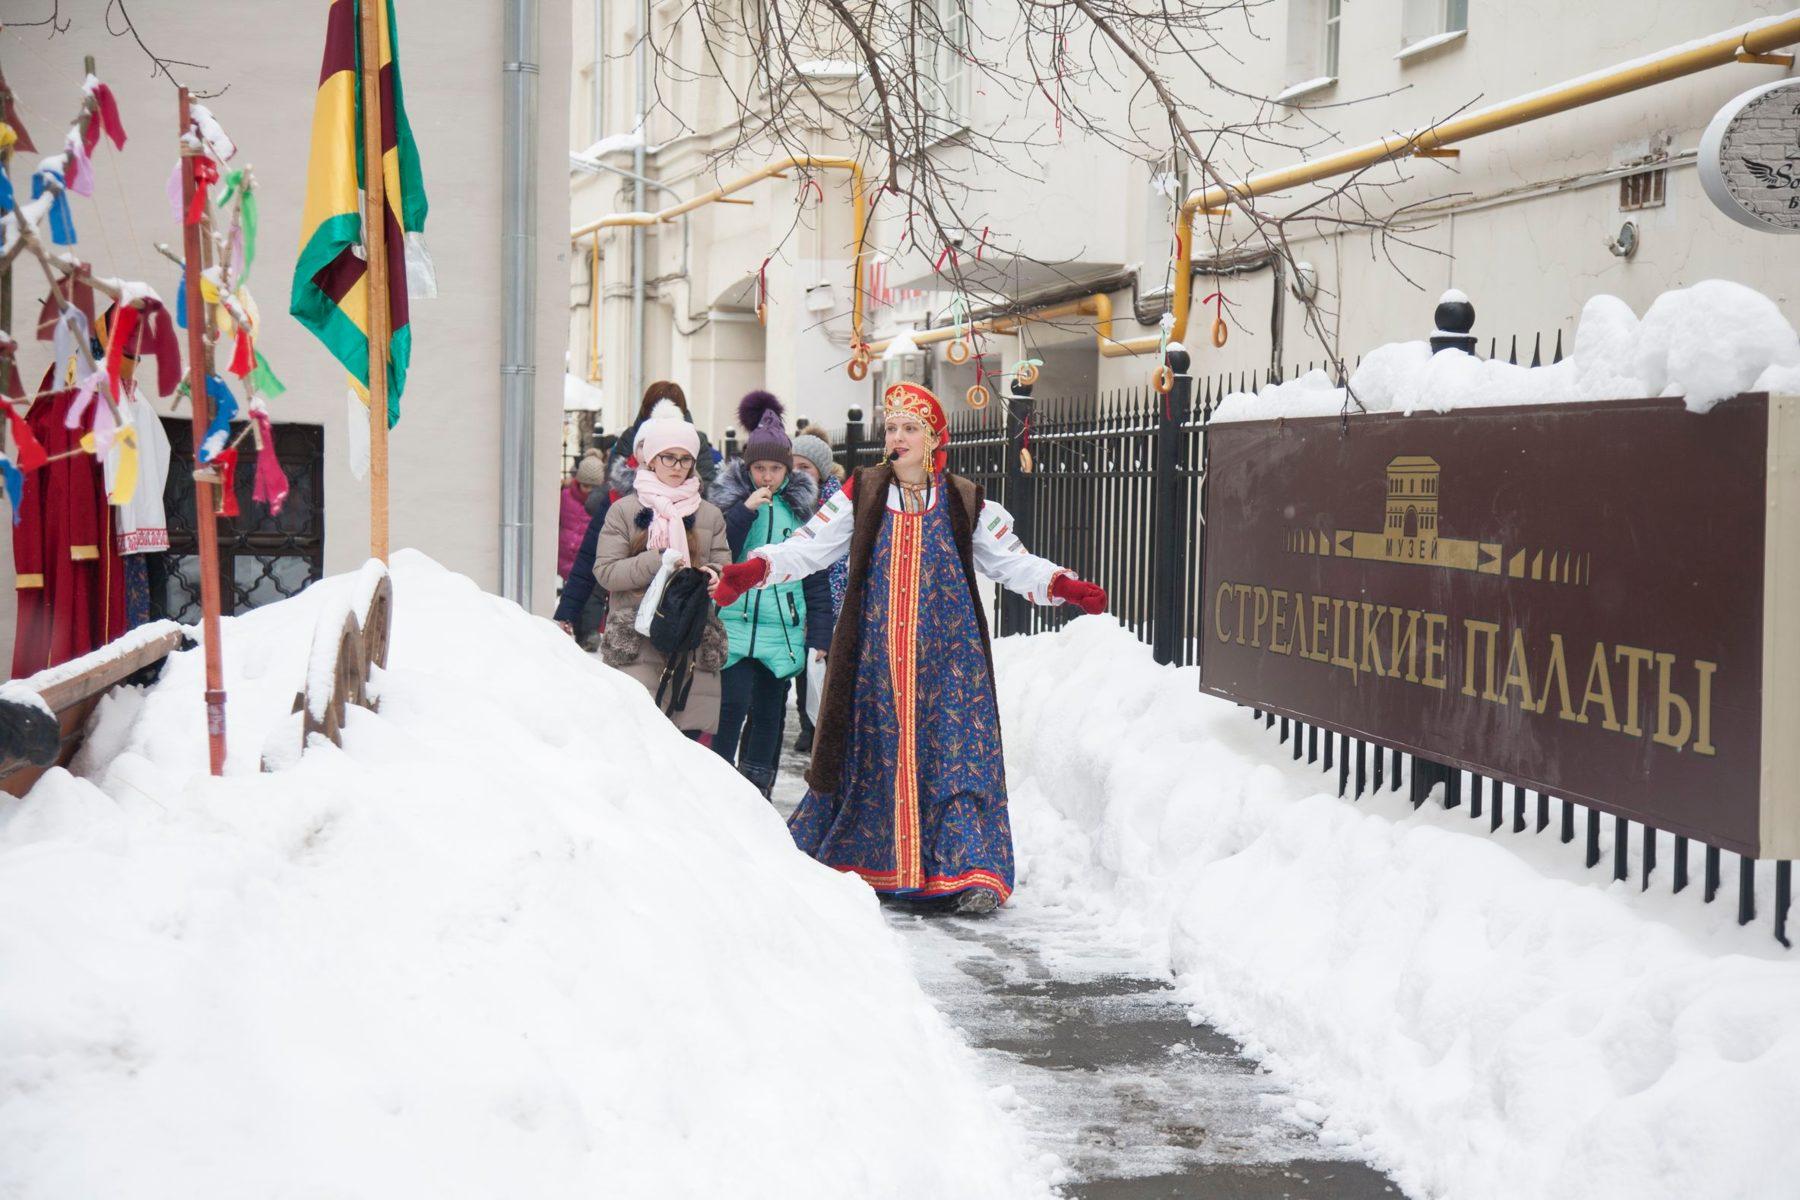 Праздник «Масленица в «Стрелецких палатах» – события на сайте «Московские Сезоны»